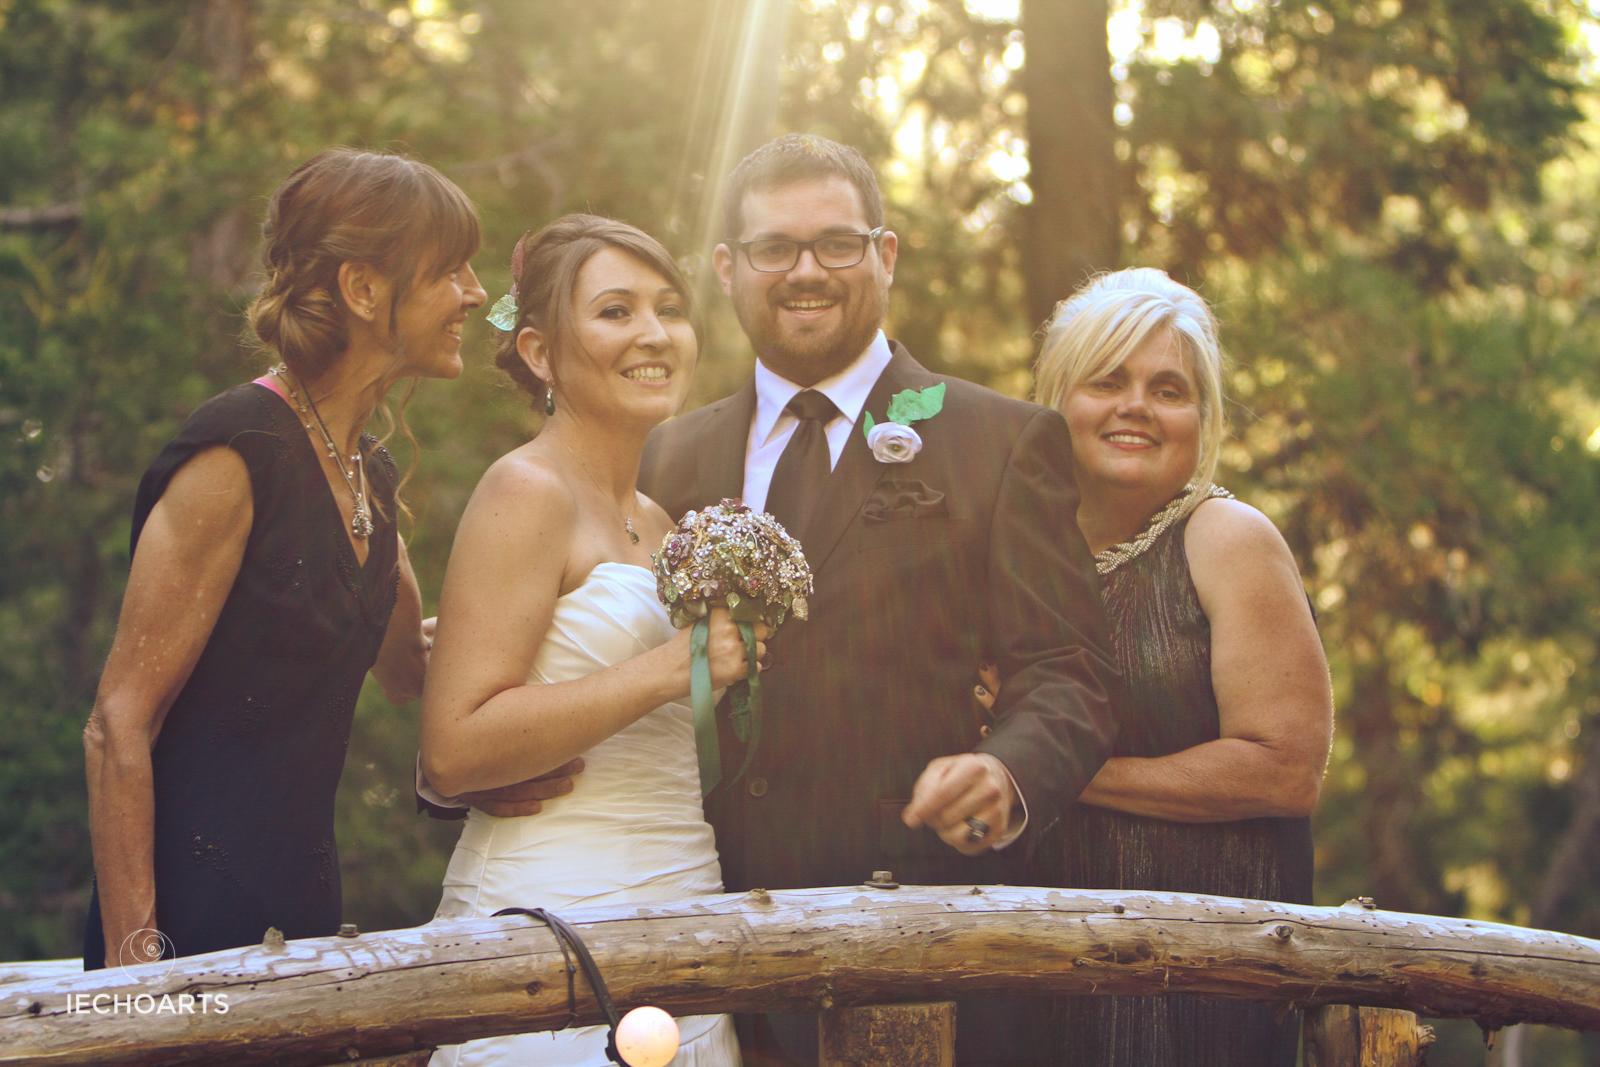 IEcho Arts wedding-25.jpg